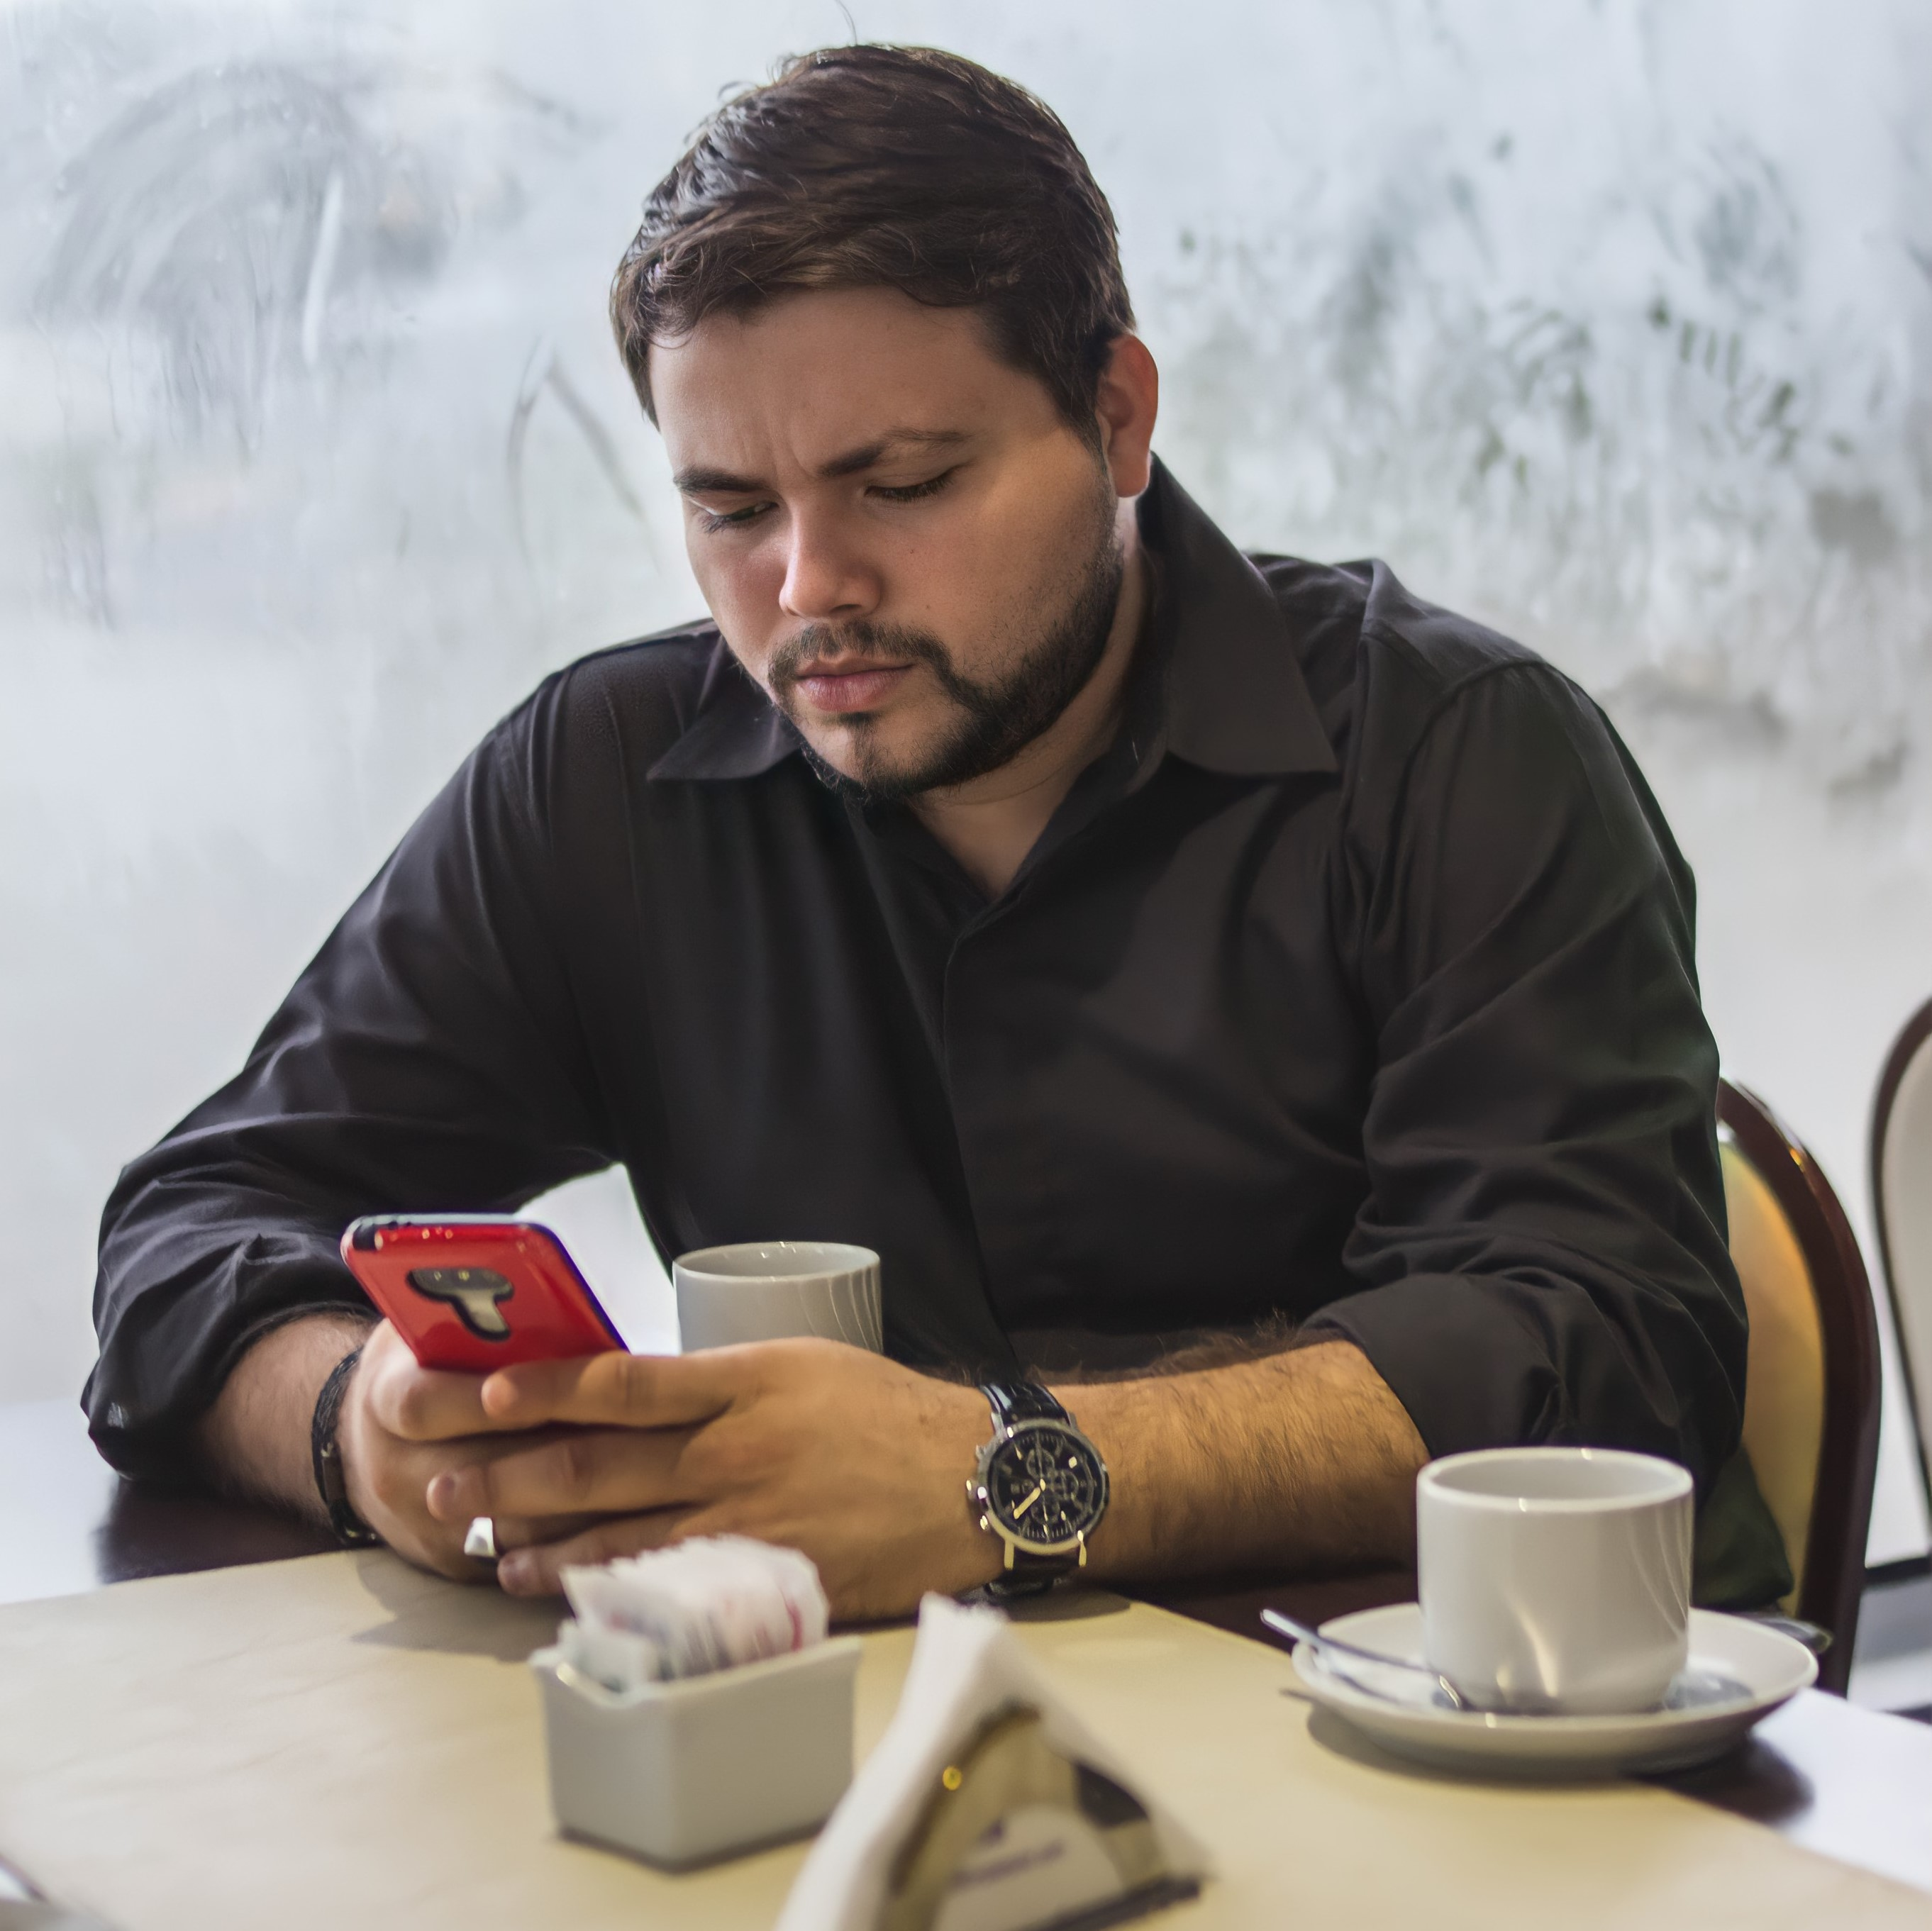 Recibe mensajes de video personalizados de Sebastian Britto en Celevideos